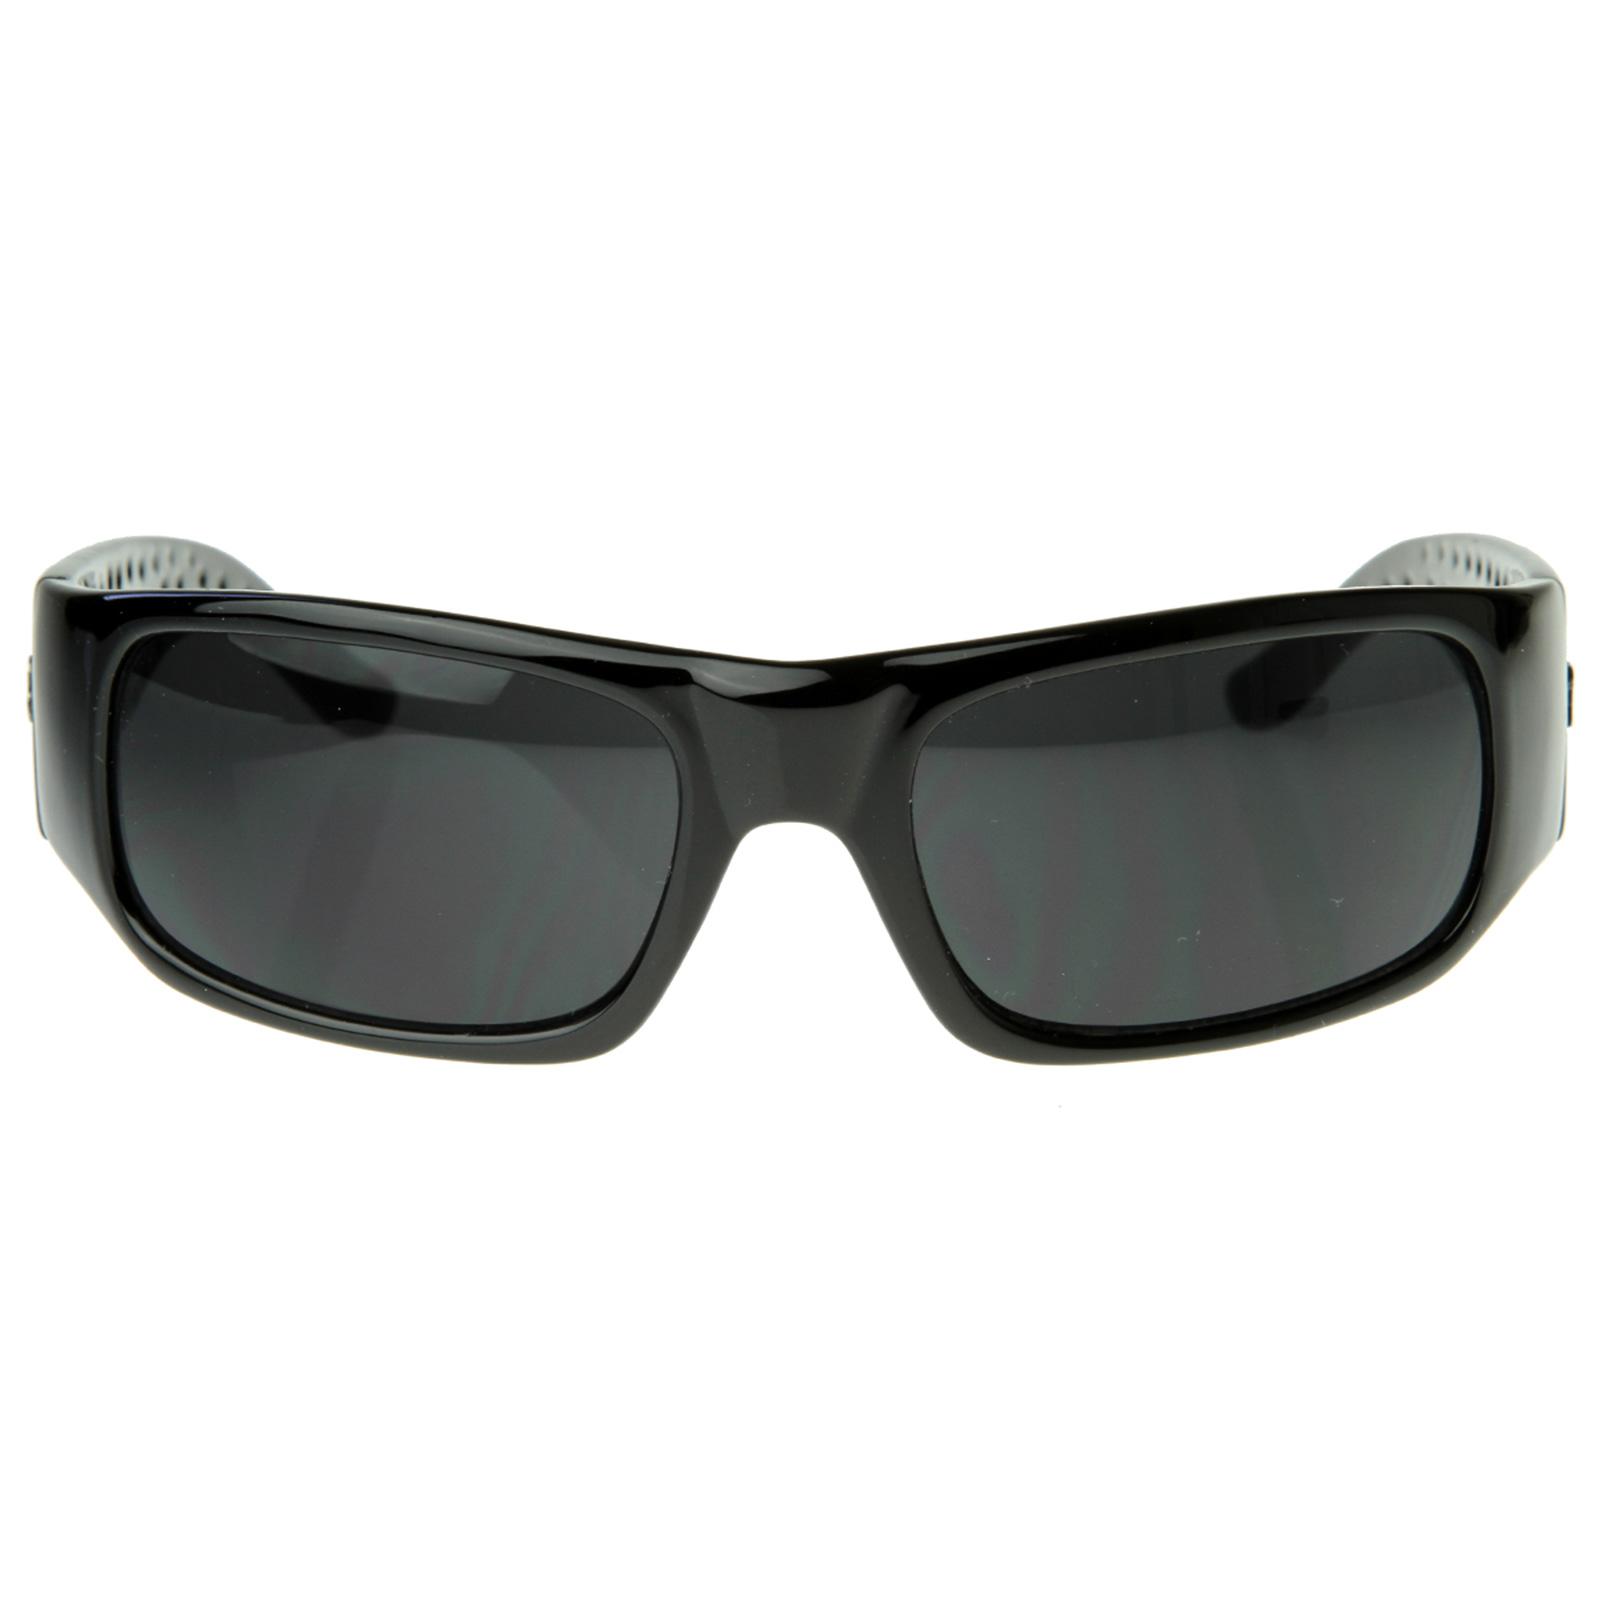 mens retro sunglasses  hop sunglasses